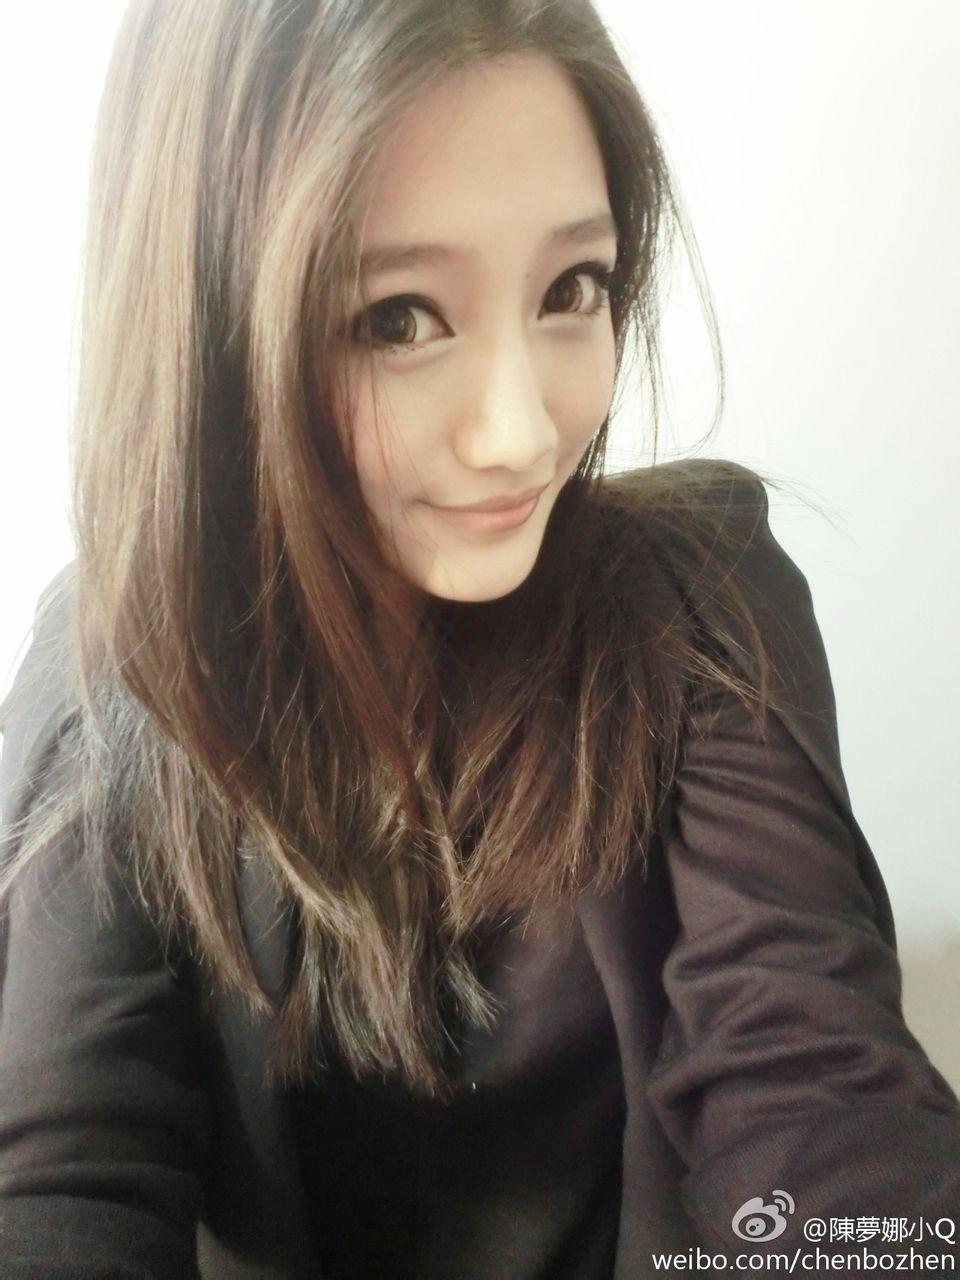 微博美女集中营 天天更新